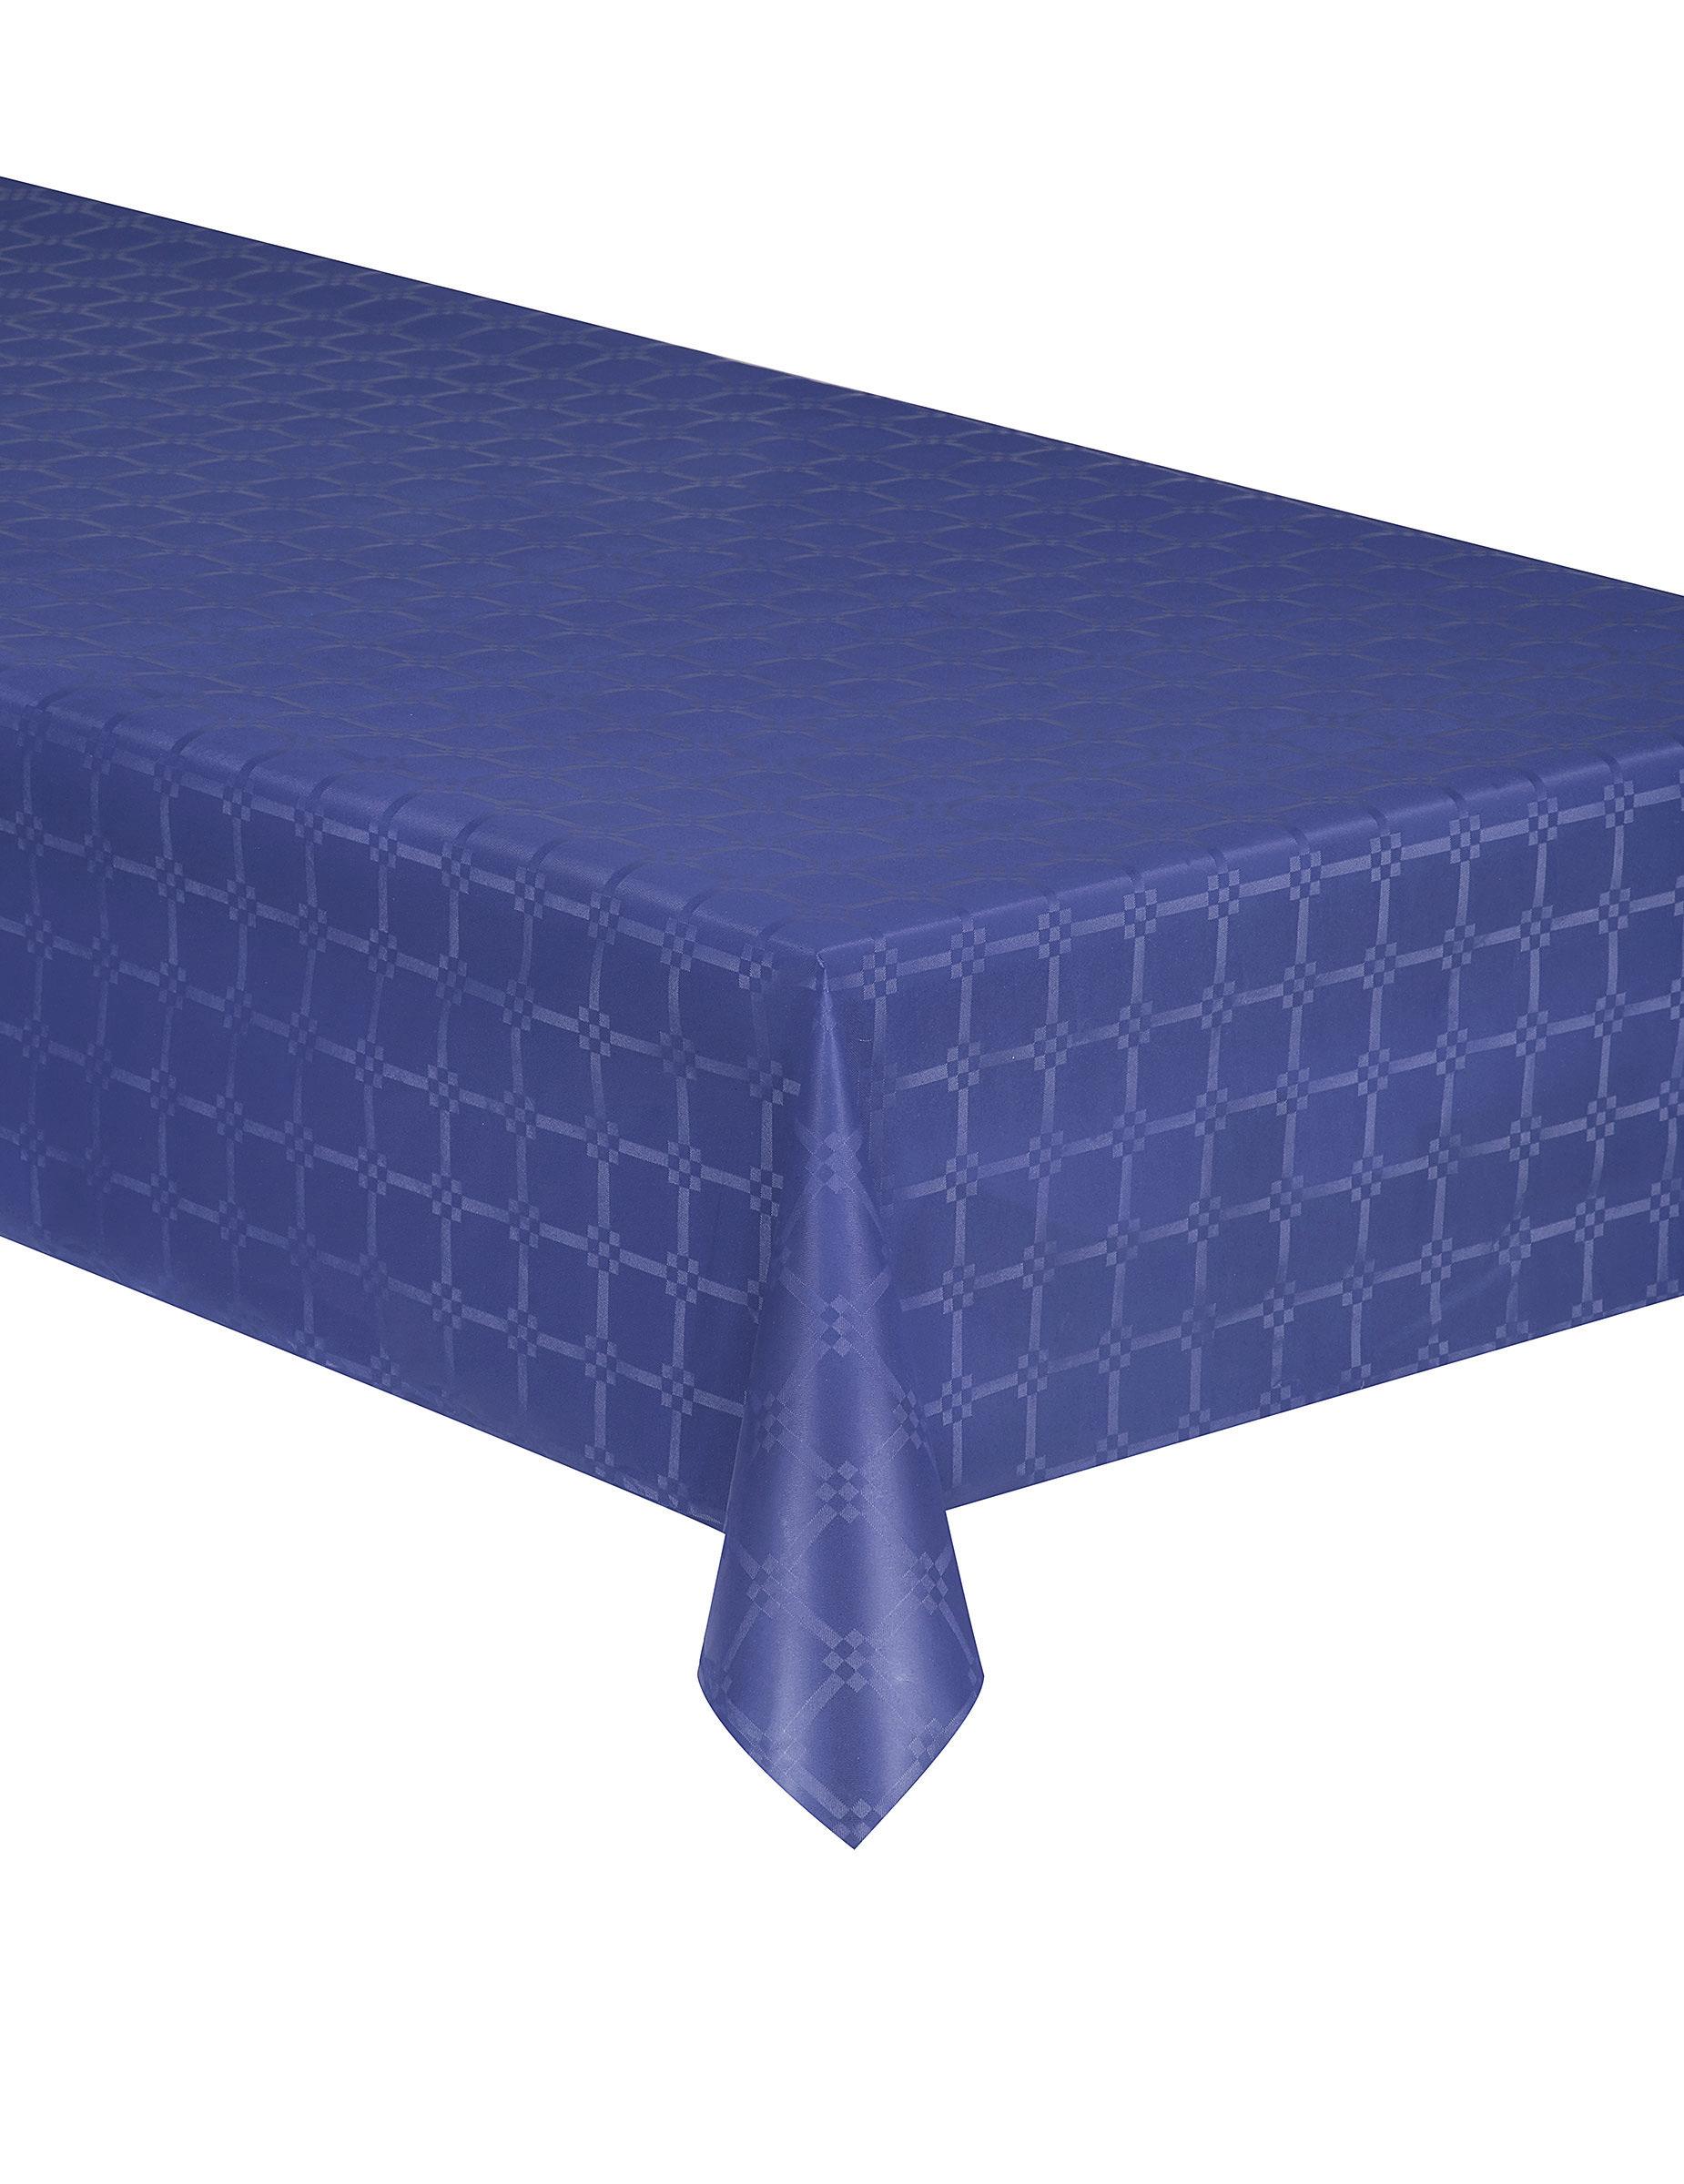 nappe en rouleau papier damass bleu marine 6 m tres. Black Bedroom Furniture Sets. Home Design Ideas